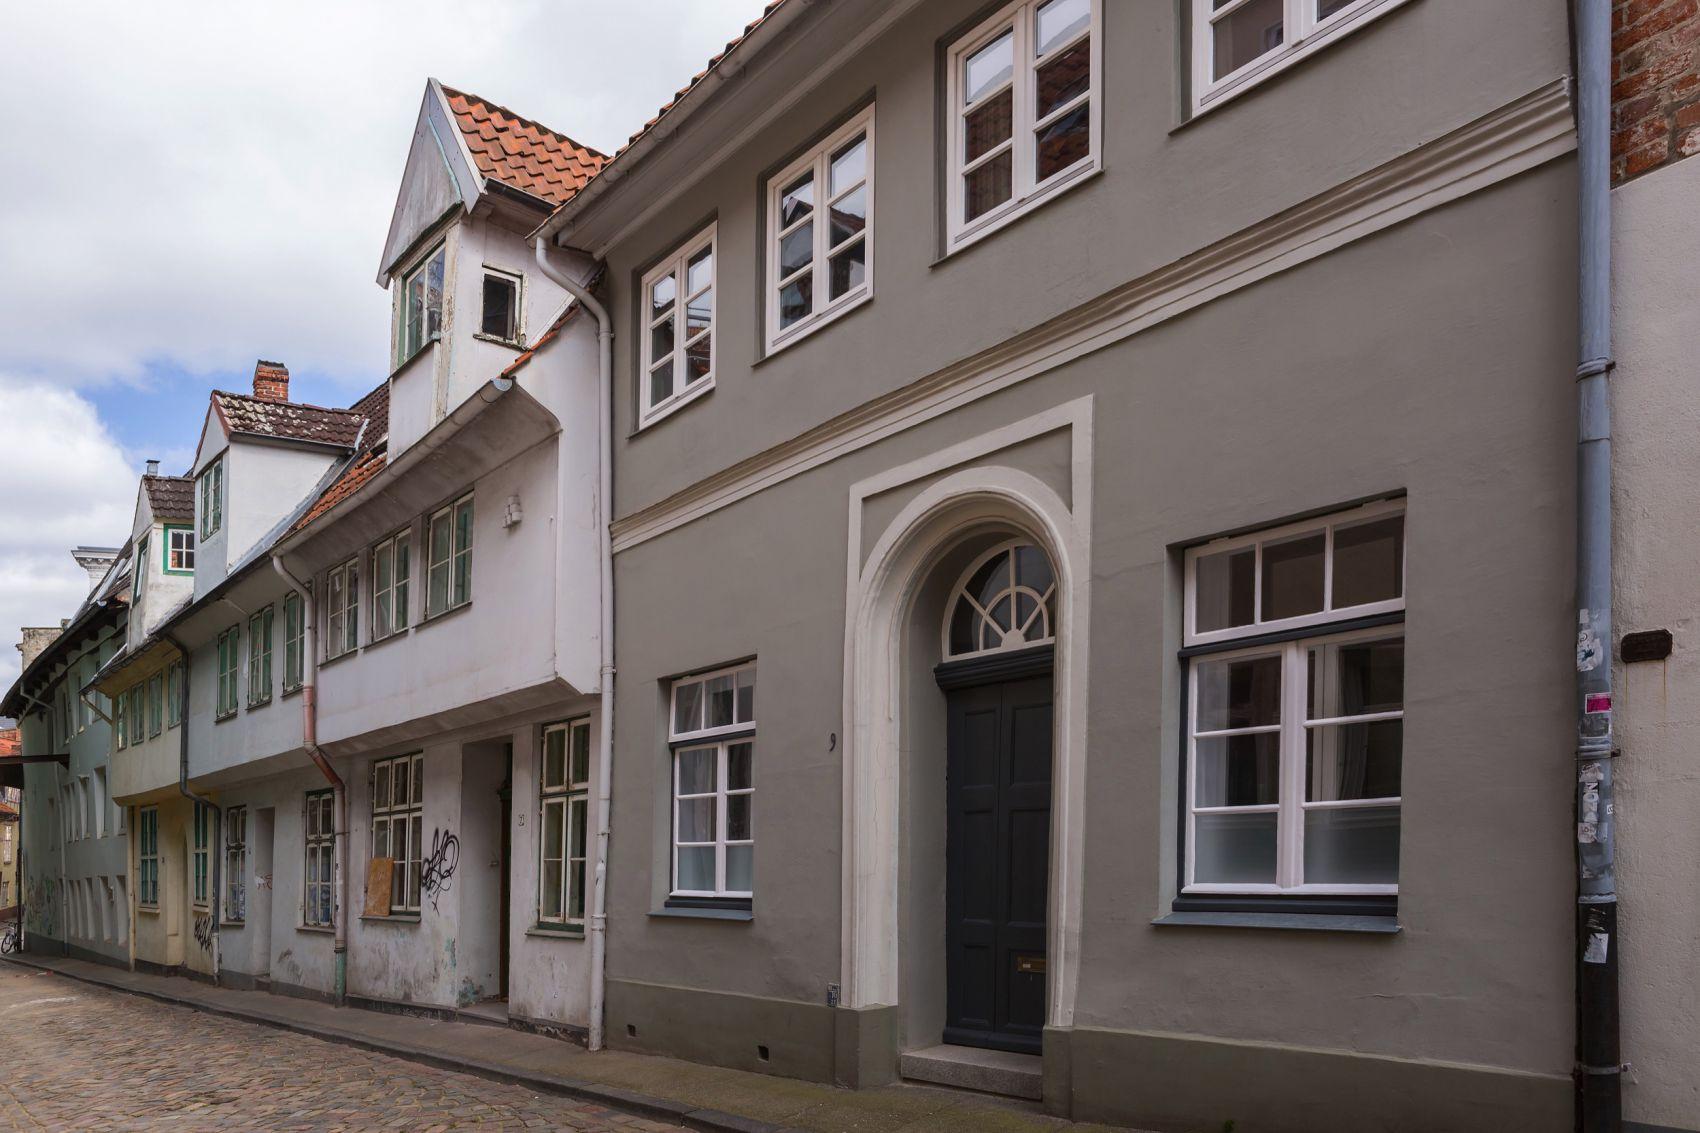 Hostel Ostsee Günstig : ostsee hostel g nstig viva hotel l beck ~ Sanjose-hotels-ca.com Haus und Dekorationen